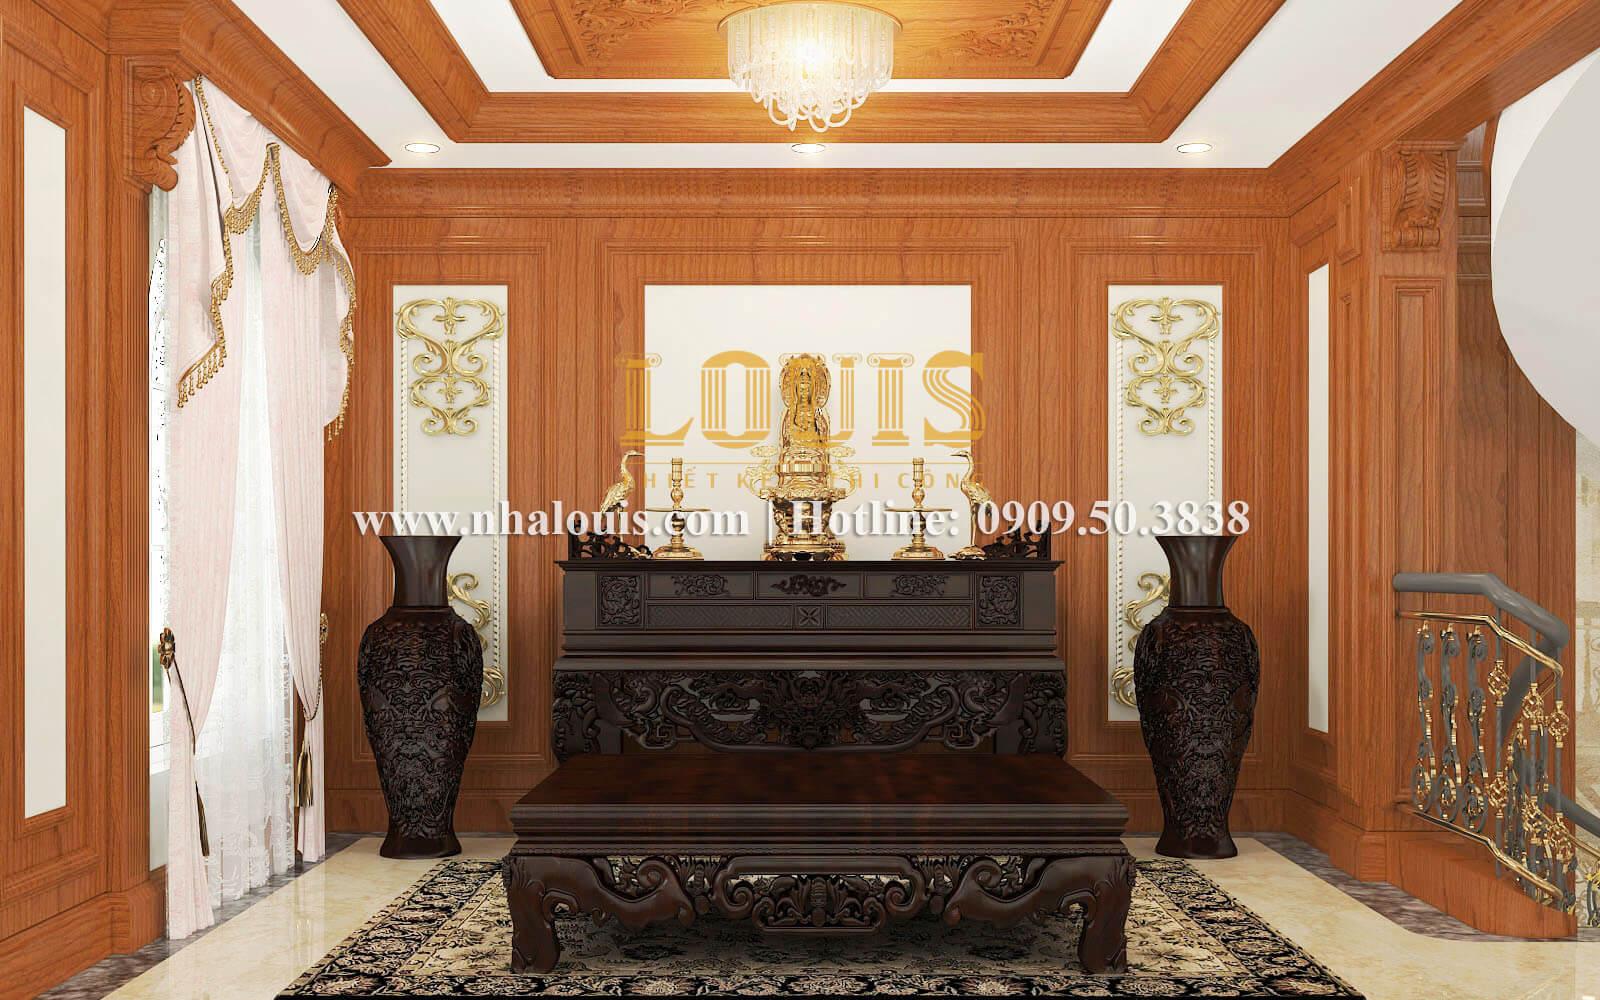 Phòng thờ biệt thự cổ điển kiểu Pháp đẳng cấp tại Đồng Nai